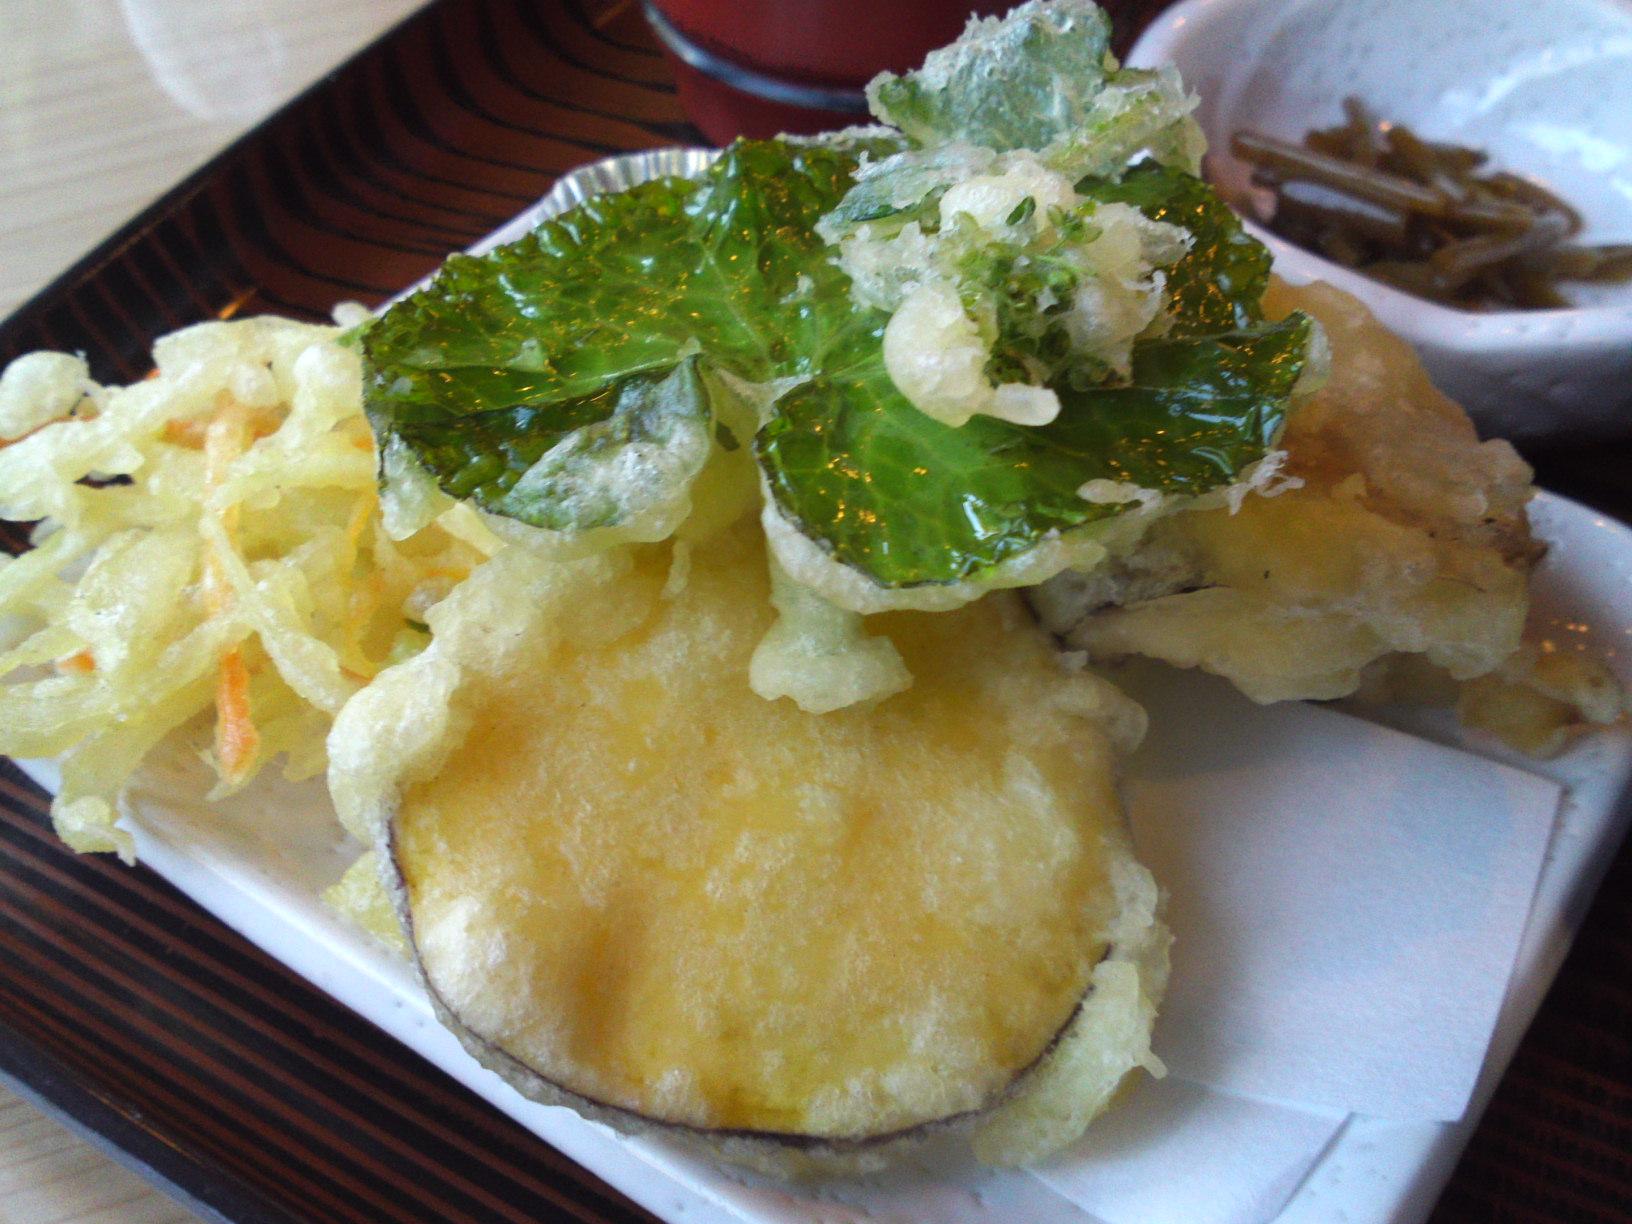 ... sweet potato, onion and carrot kakiage, shiitake and wasabi leaf